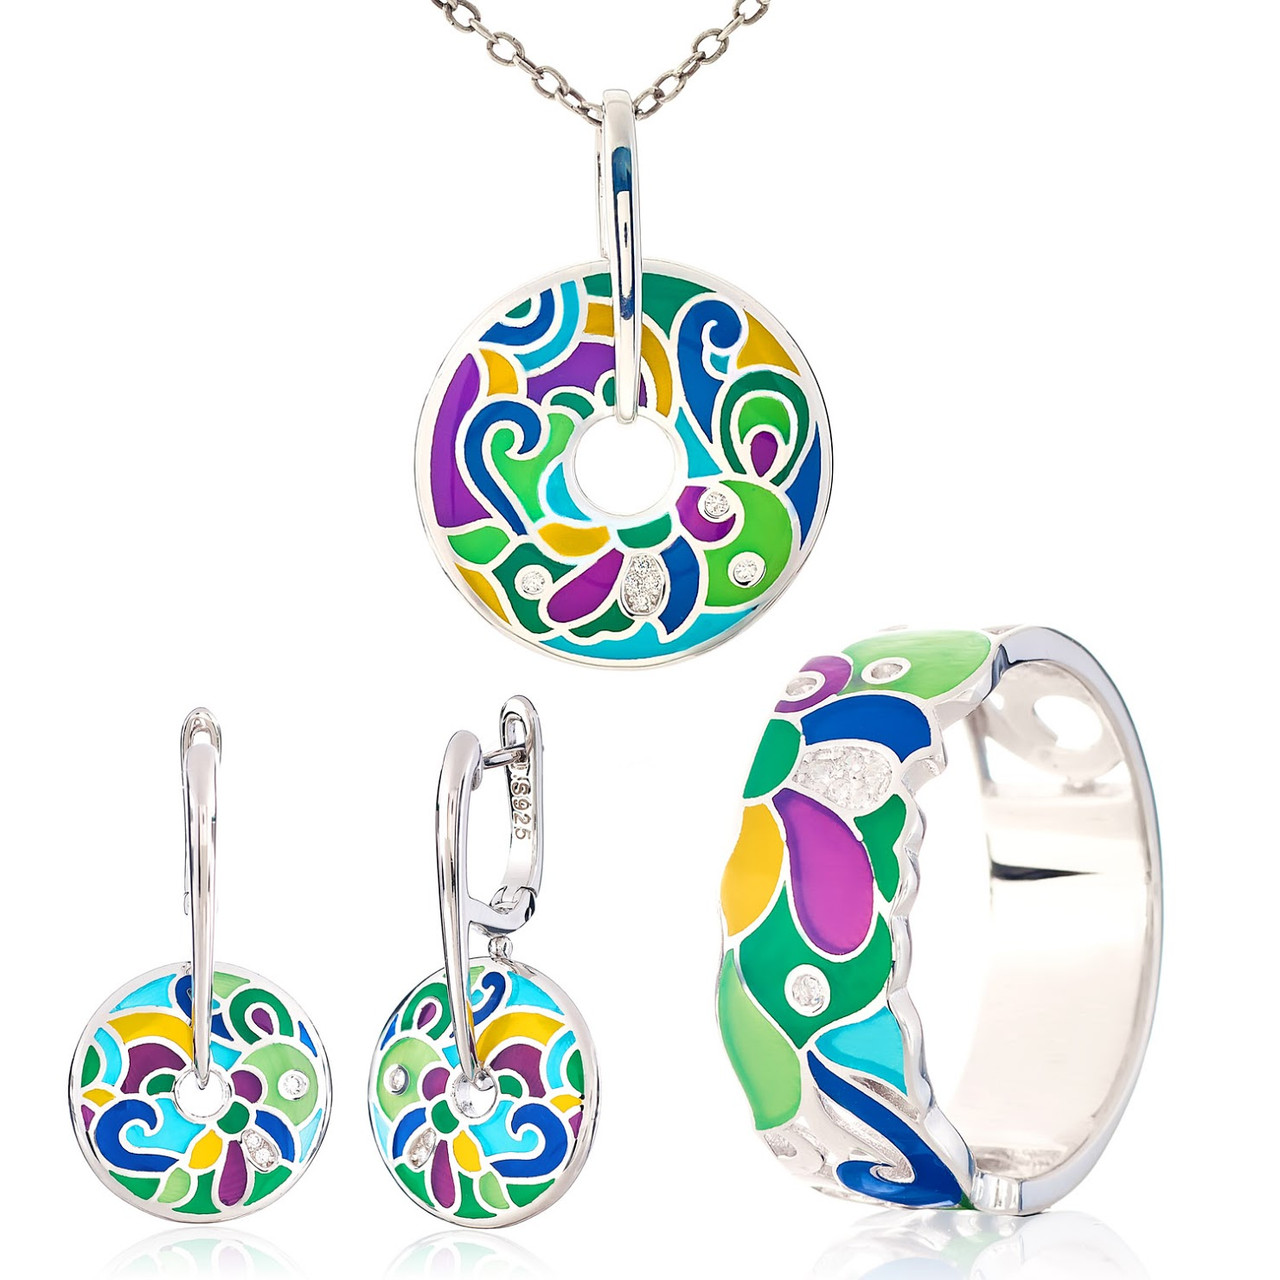 Комплект серебряных украшений с эмалью ( Серьги , кольцо, подвеска )